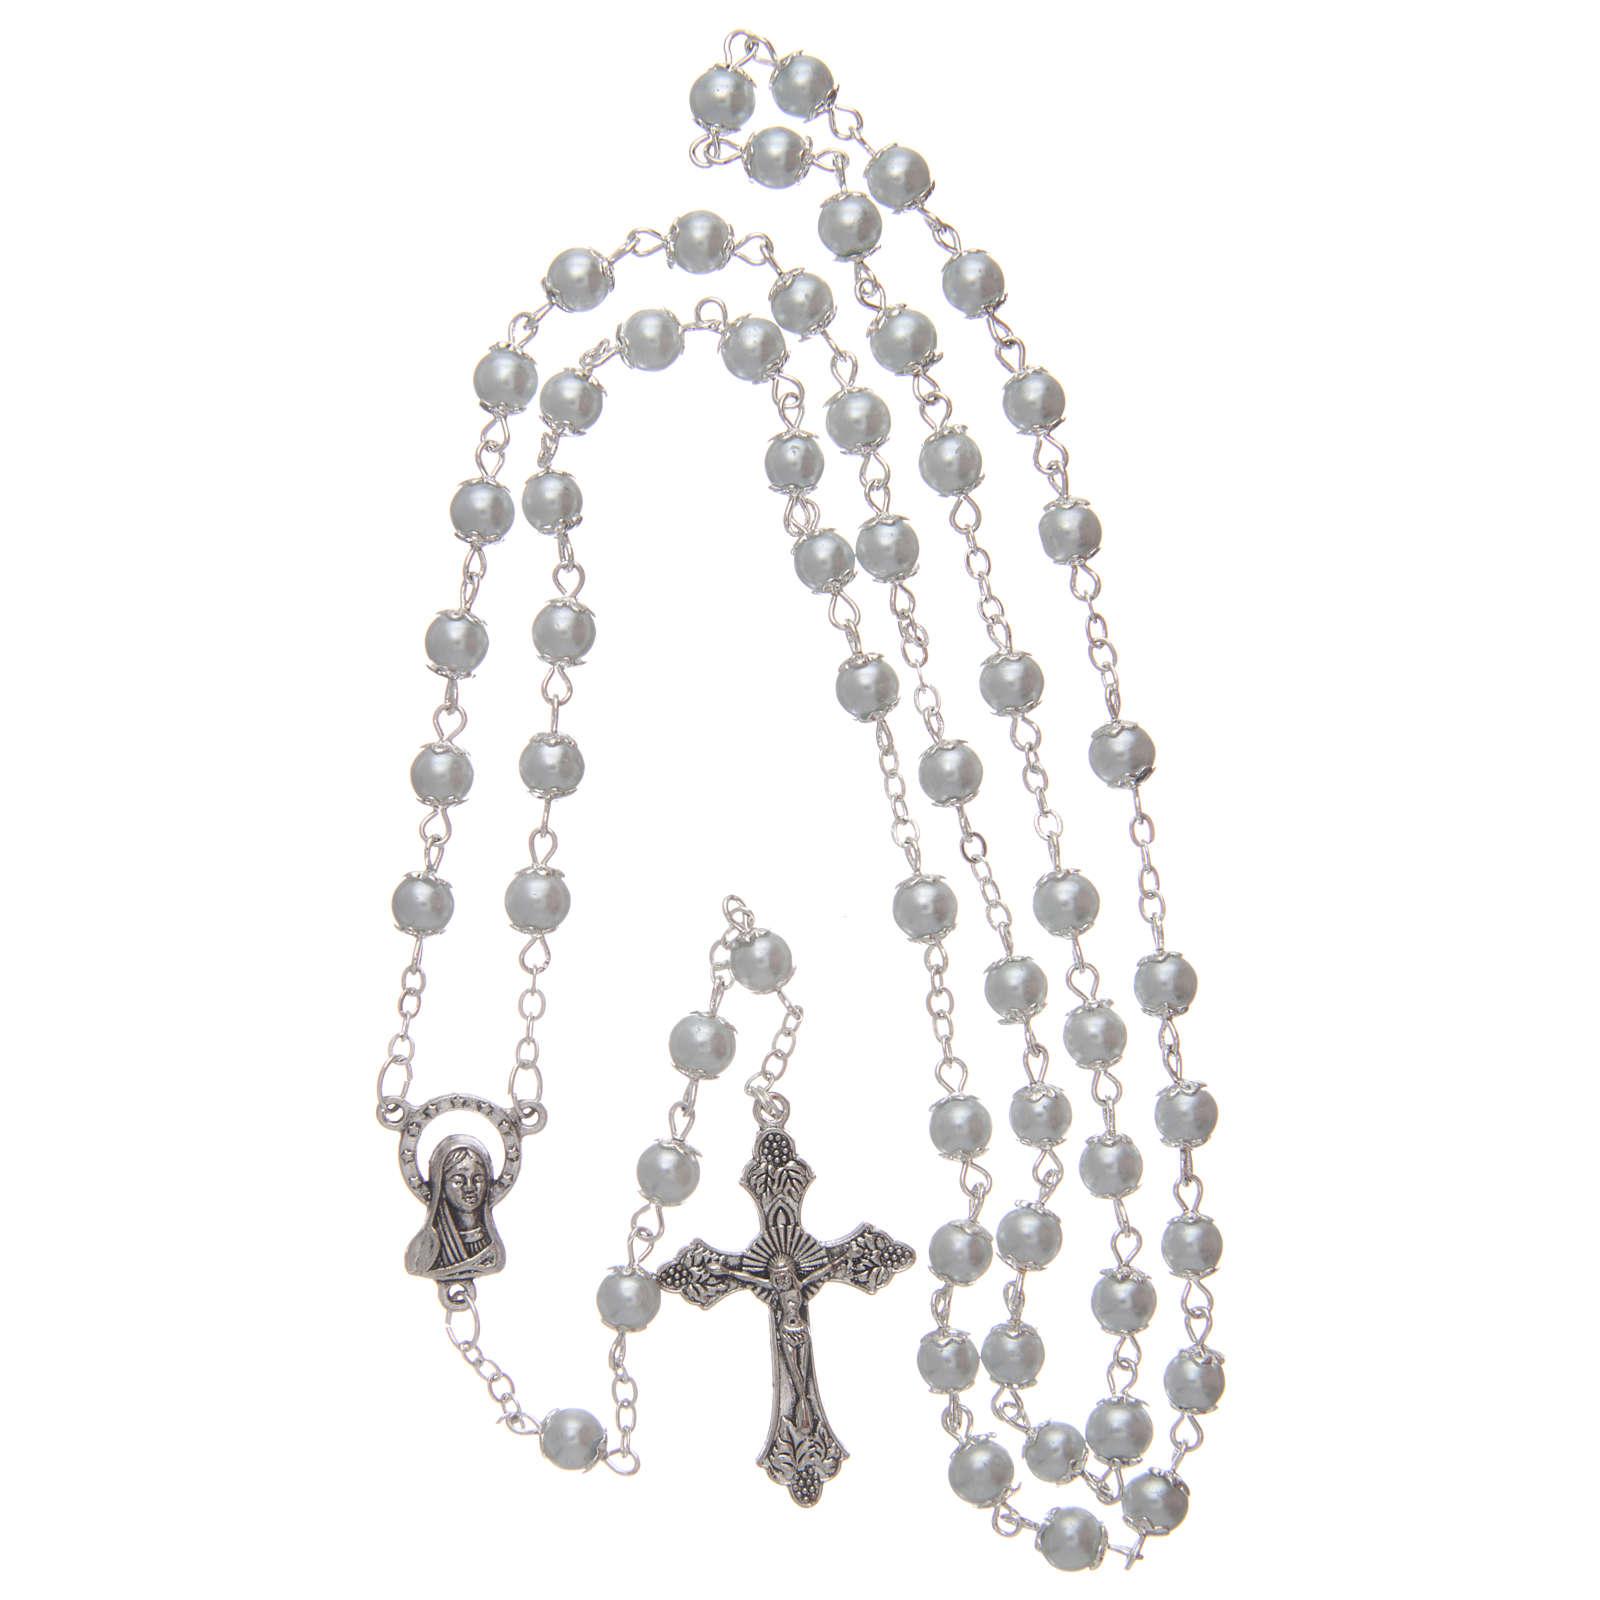 Rosario imitación perla blanco 5 mm con chavetas 4